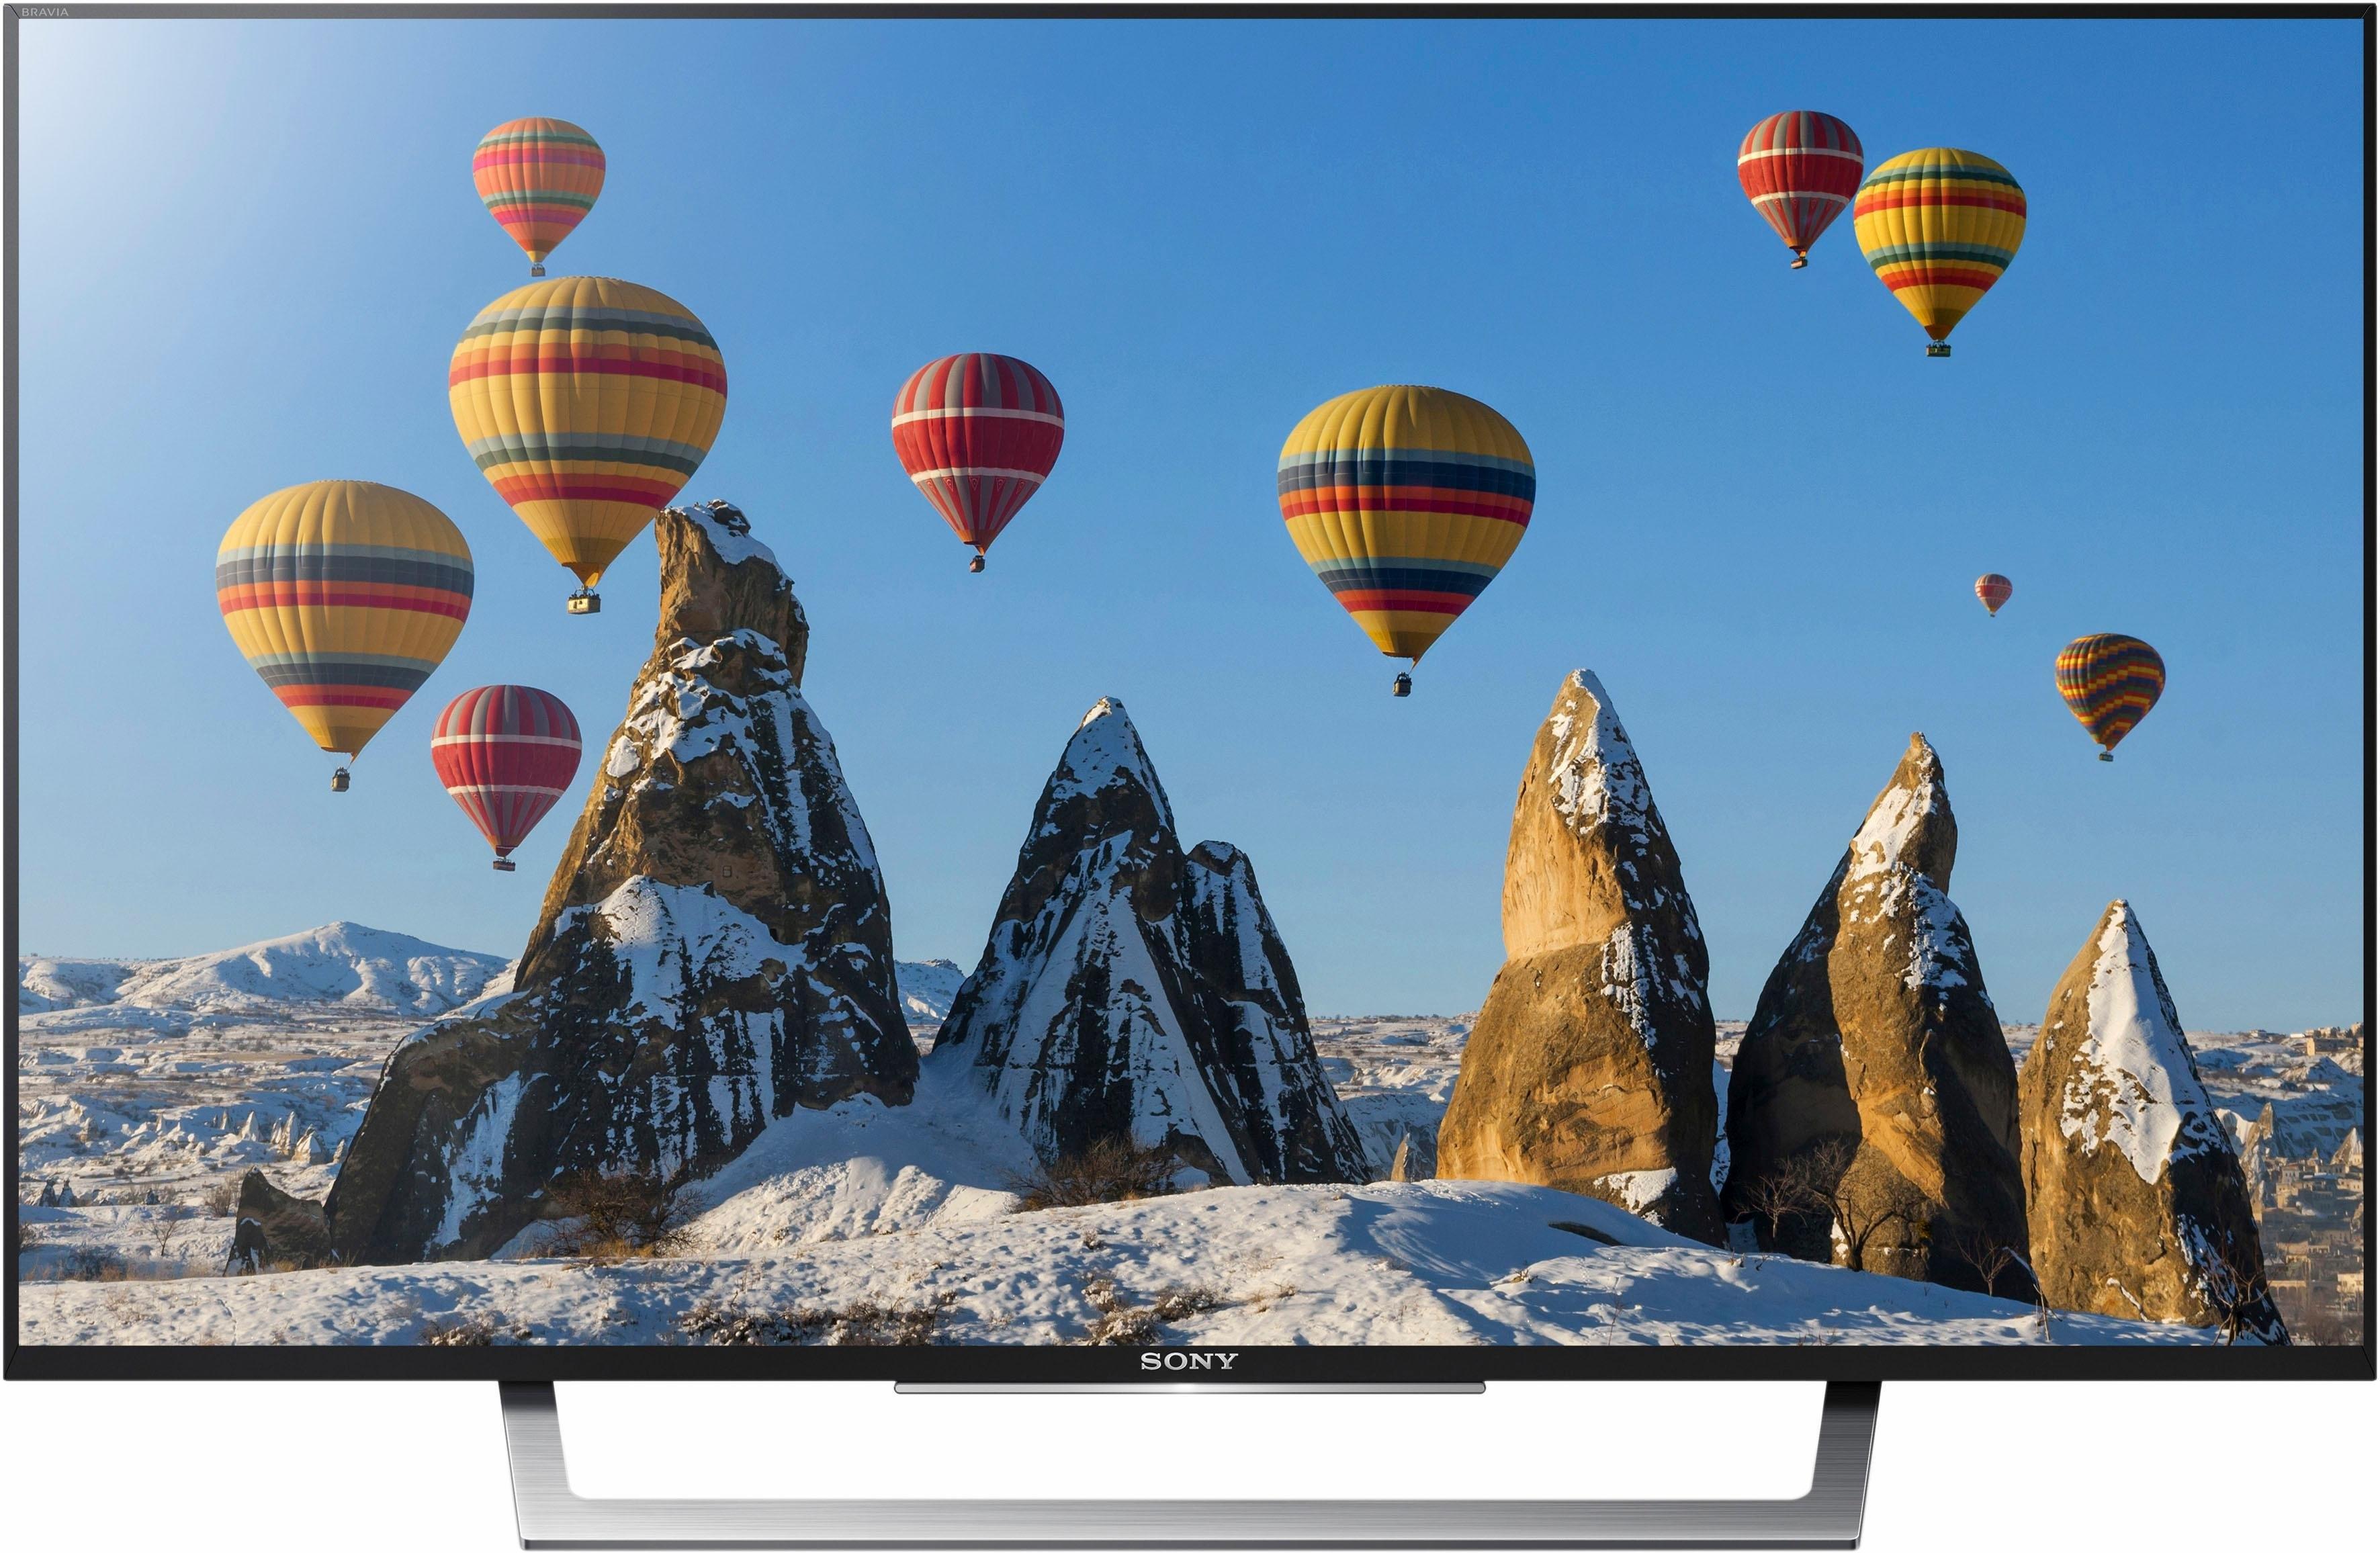 SONY KDL-32WD755/32WD757, led-tv, 80 cm (32 inch), 1080p (Full HD), smart-tv goedkoop op otto.nl kopen